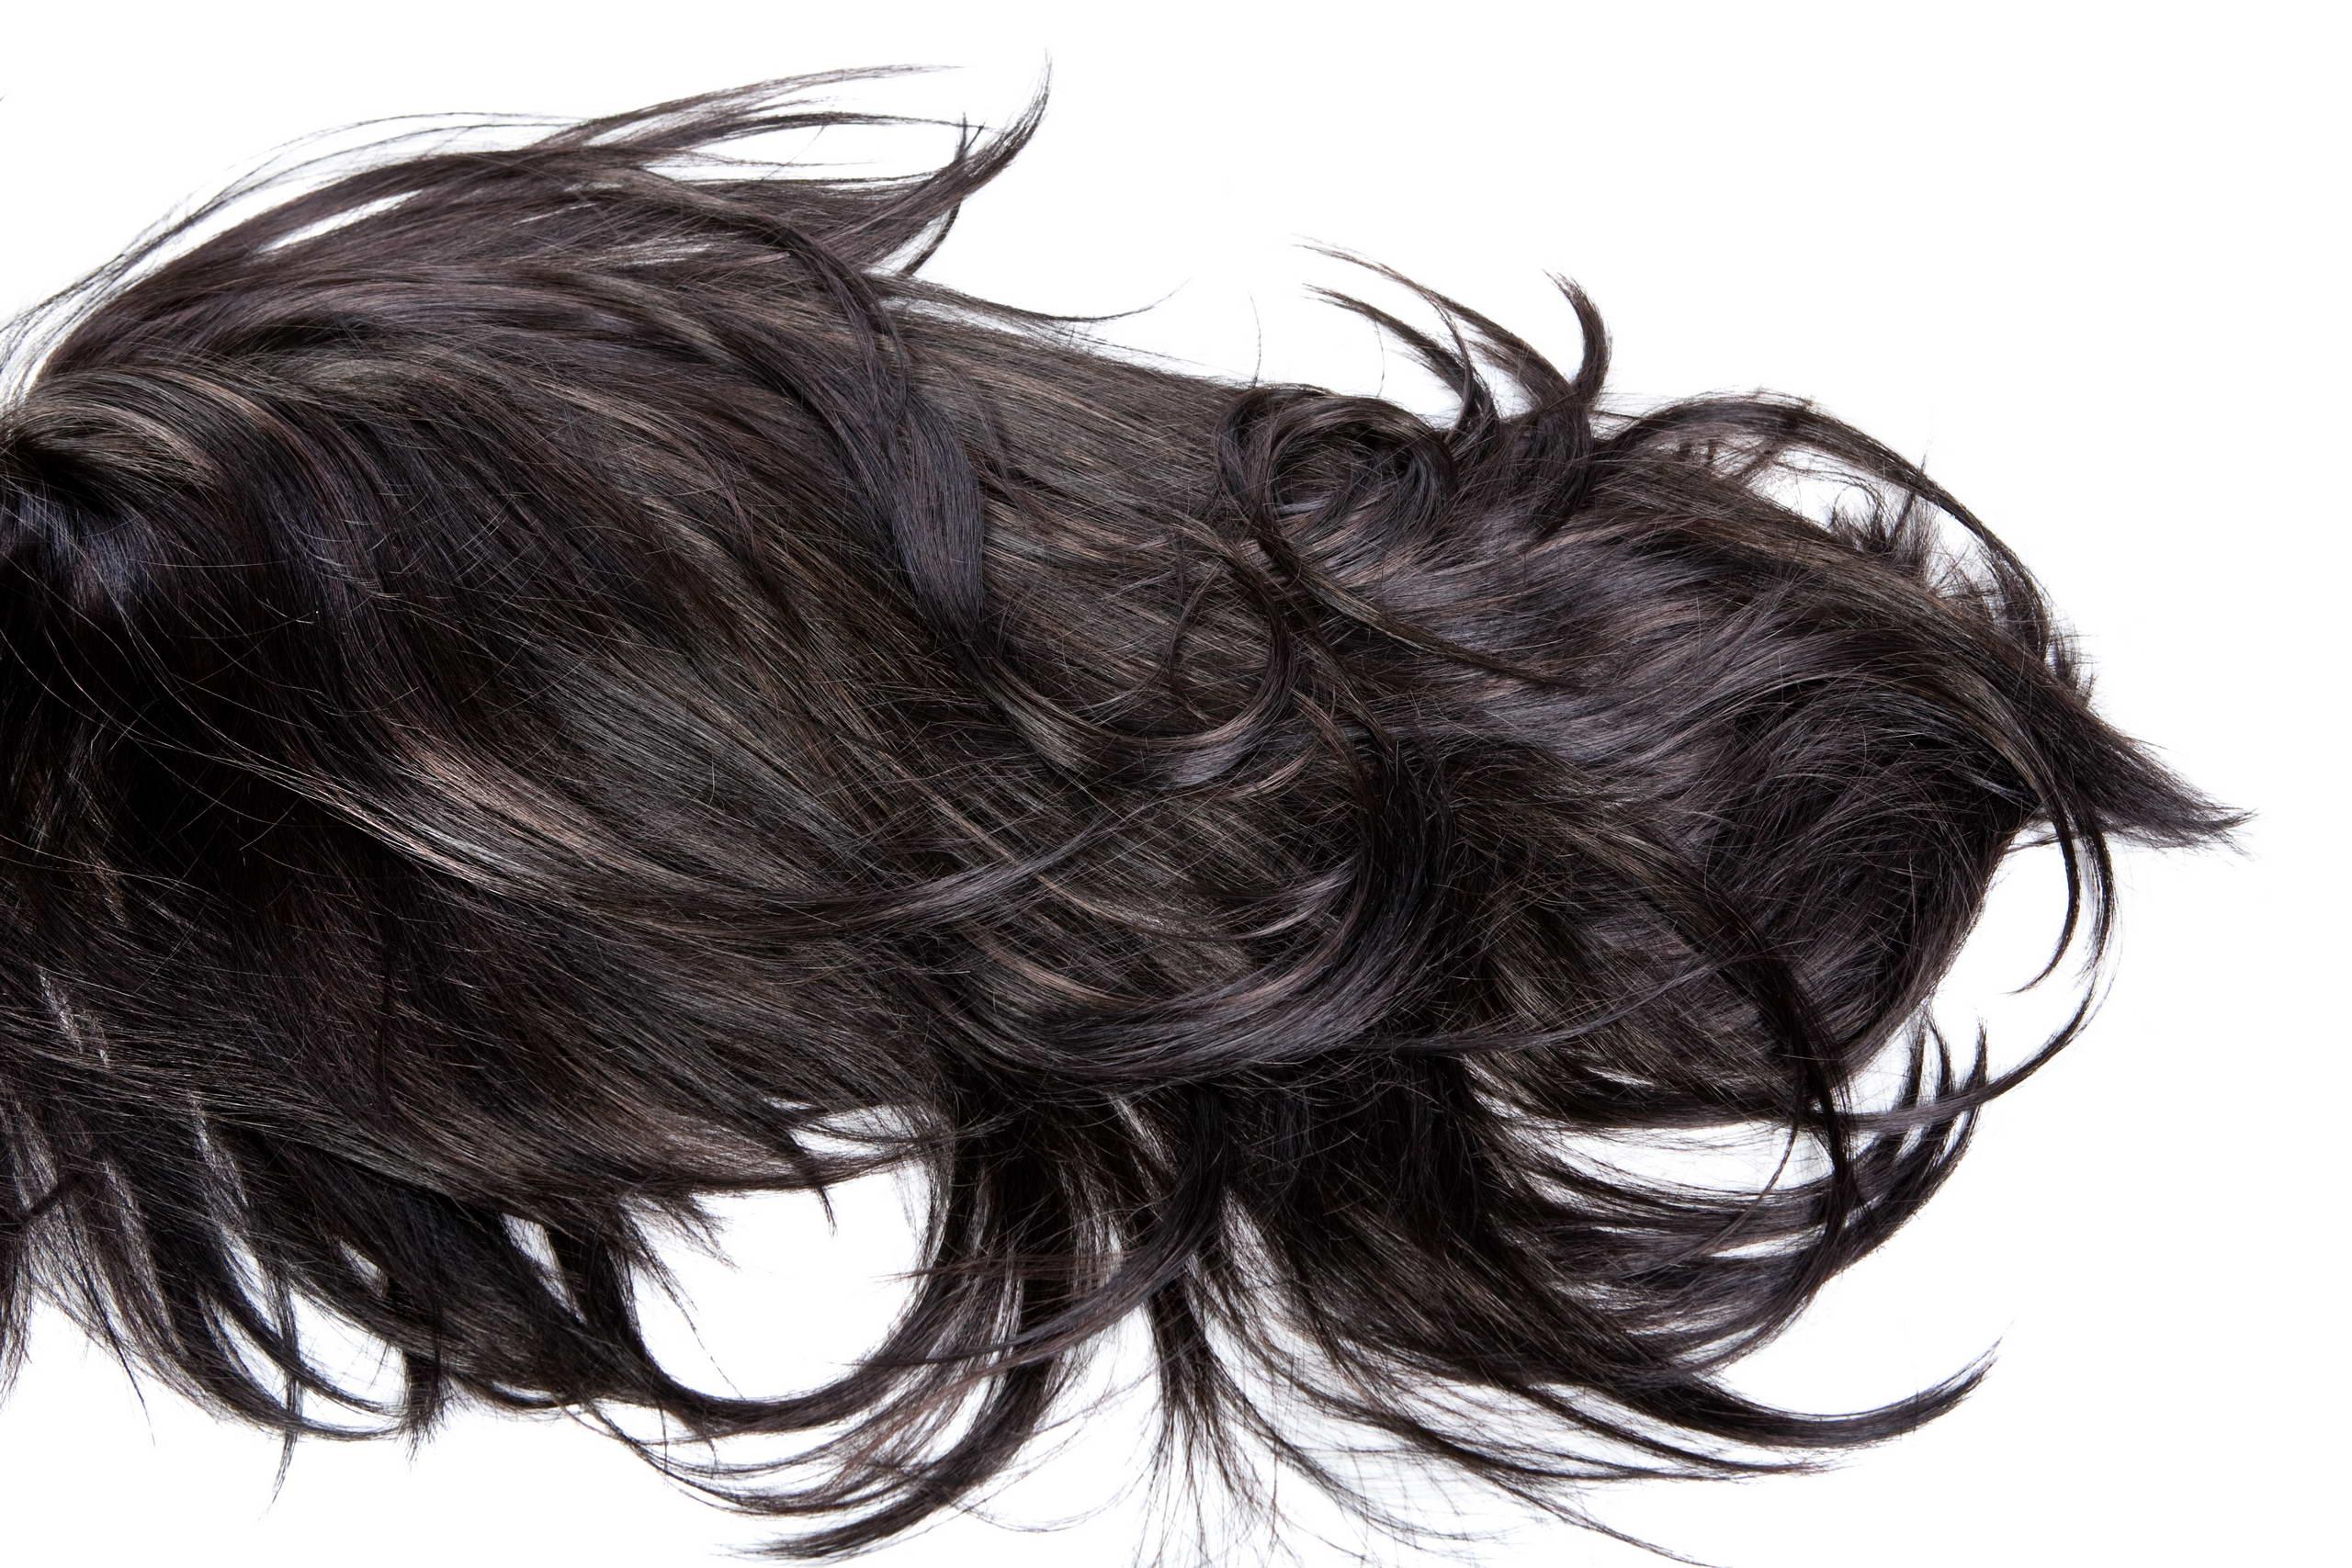 hair_018.jpg